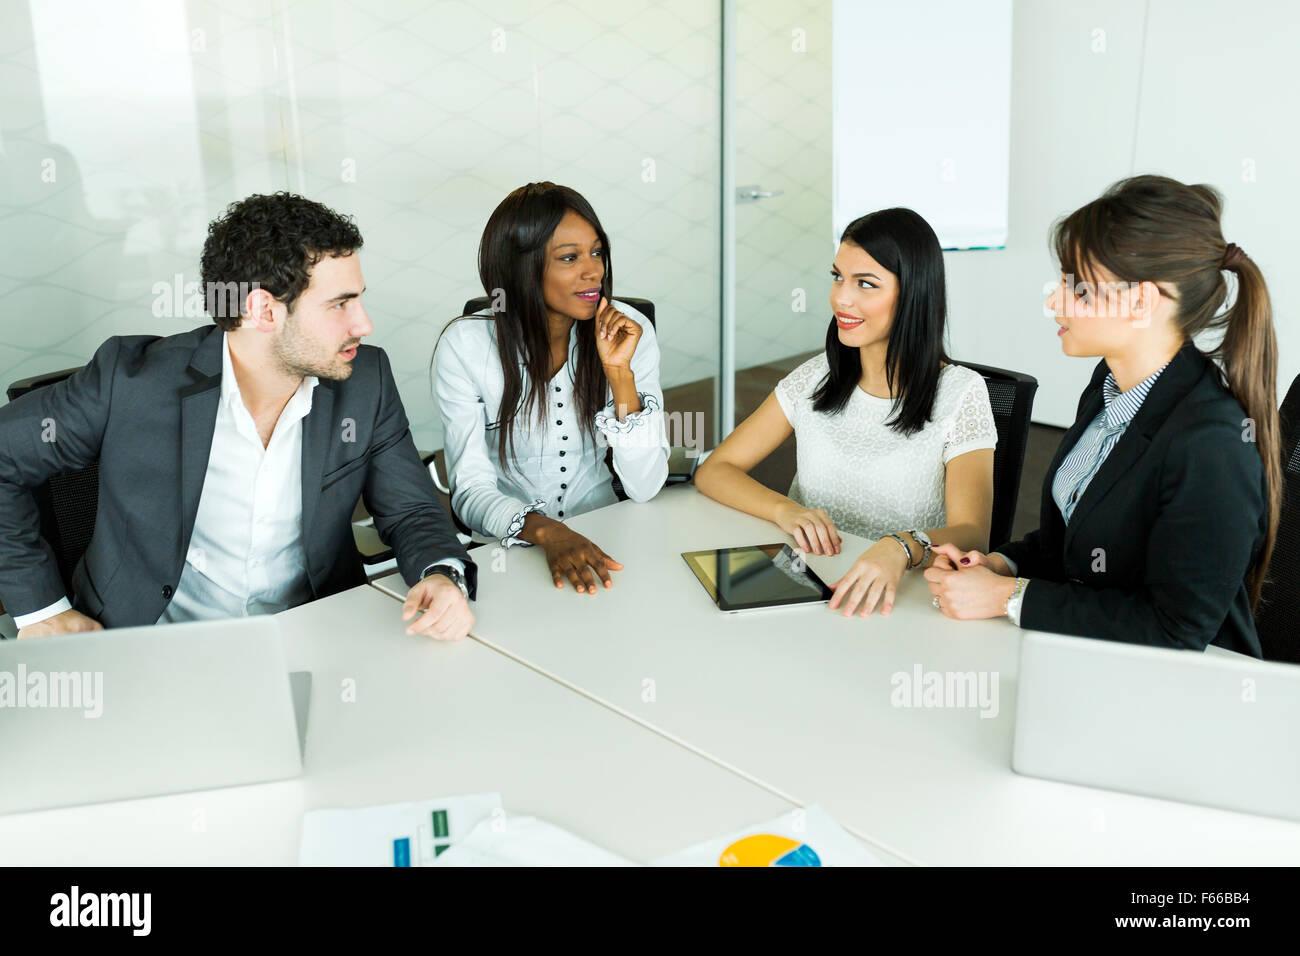 Parlare di Business seduti a un tavolo e analisi dei risultati Immagini Stock